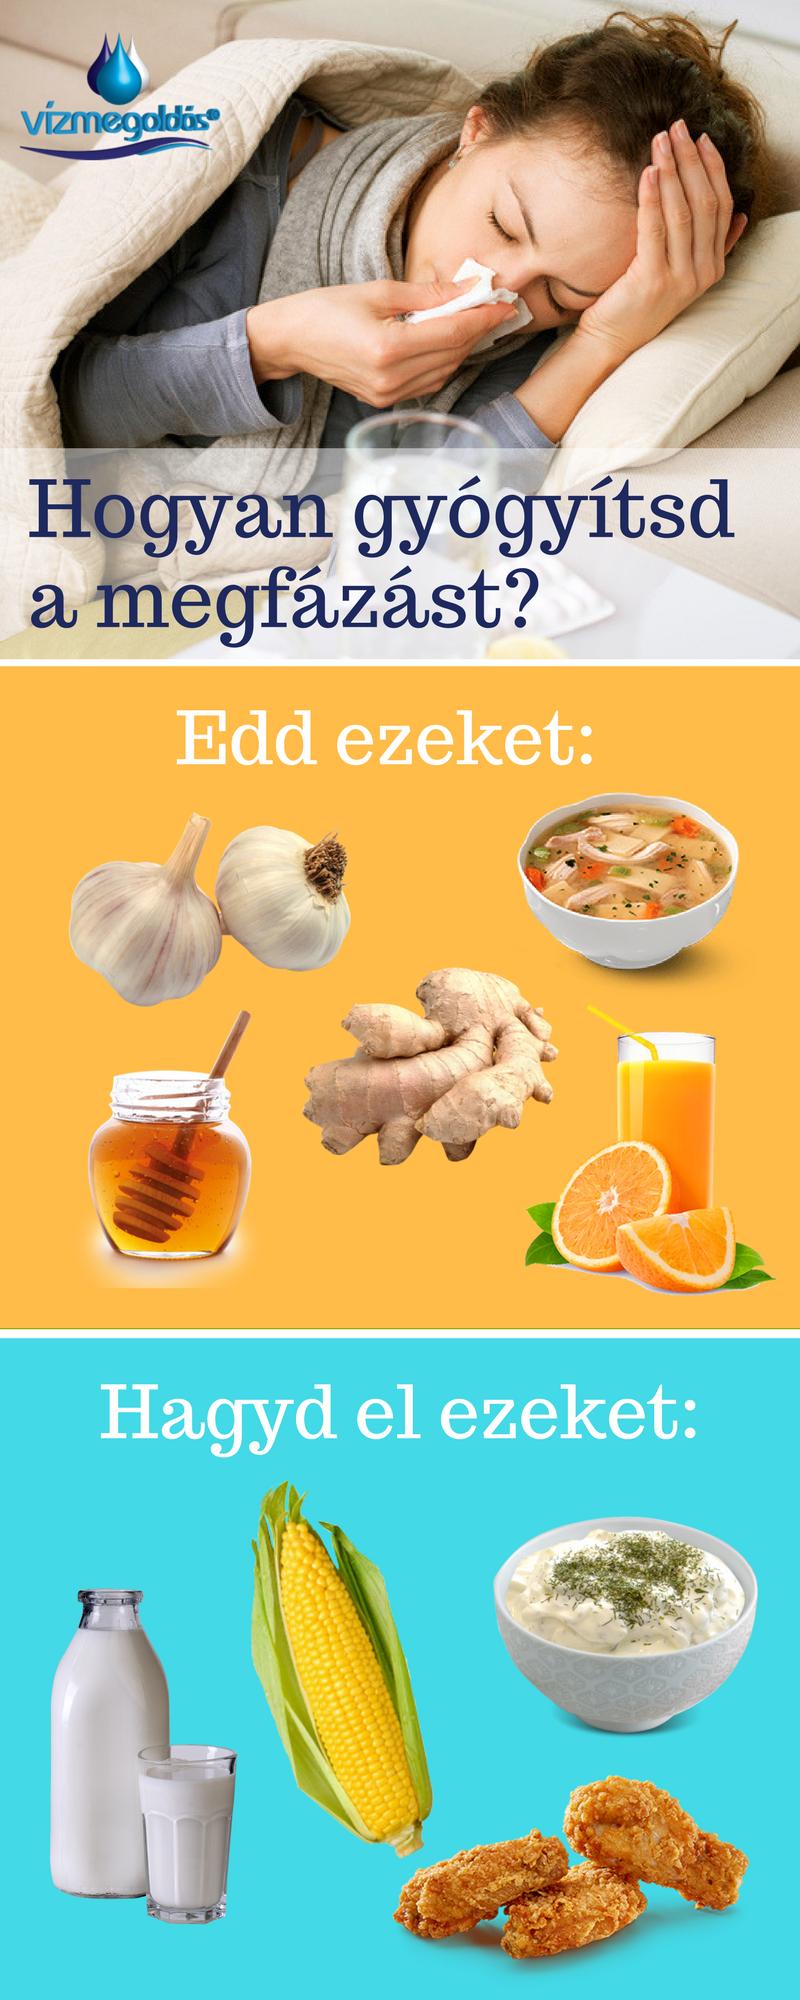 egészséges és gazdaságos étrend